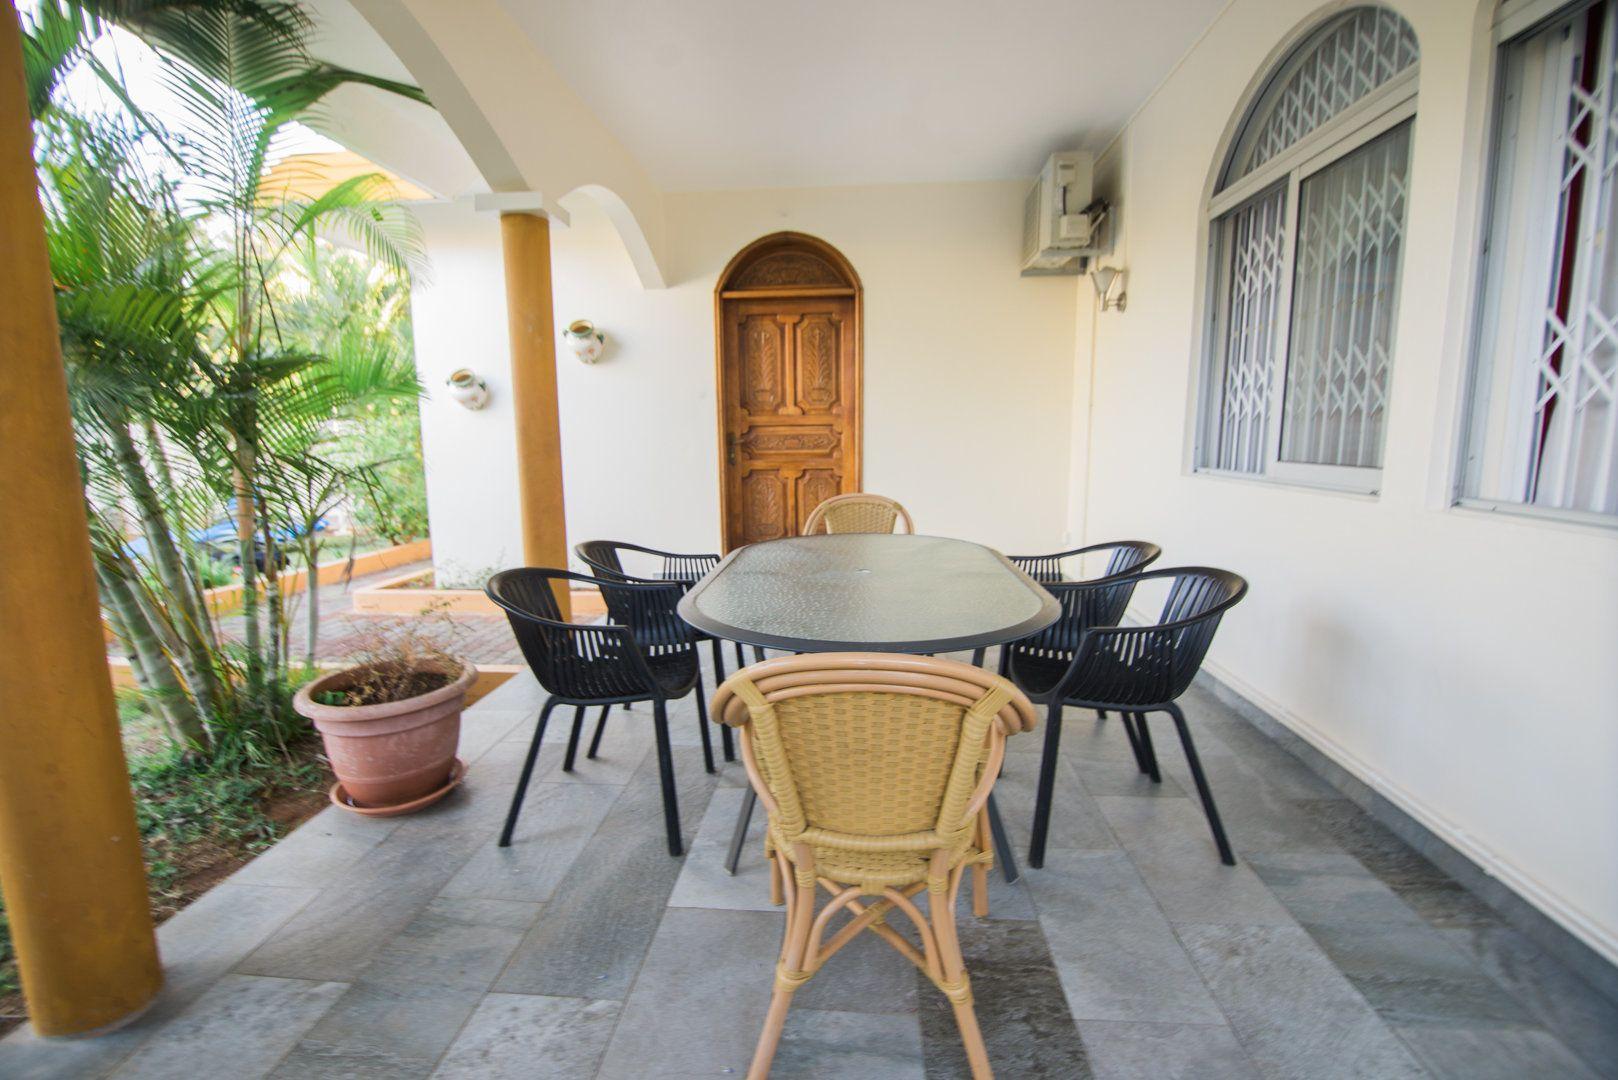 Maison à louer 8 548.73m2 à Ile Maurice vignette-14